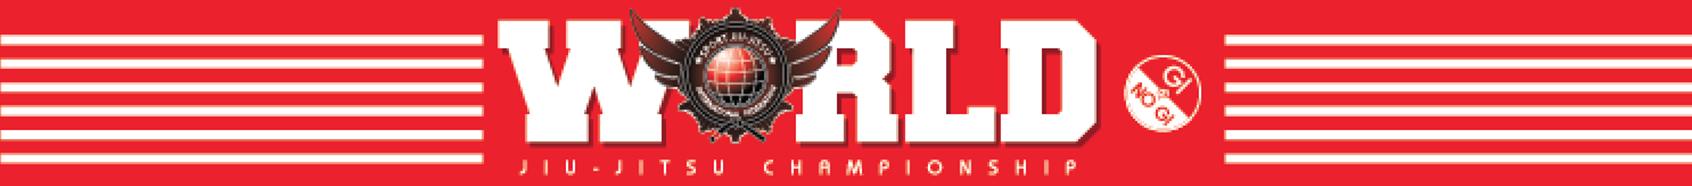 SJJIF World Jiu-Jitsu Championship Gi